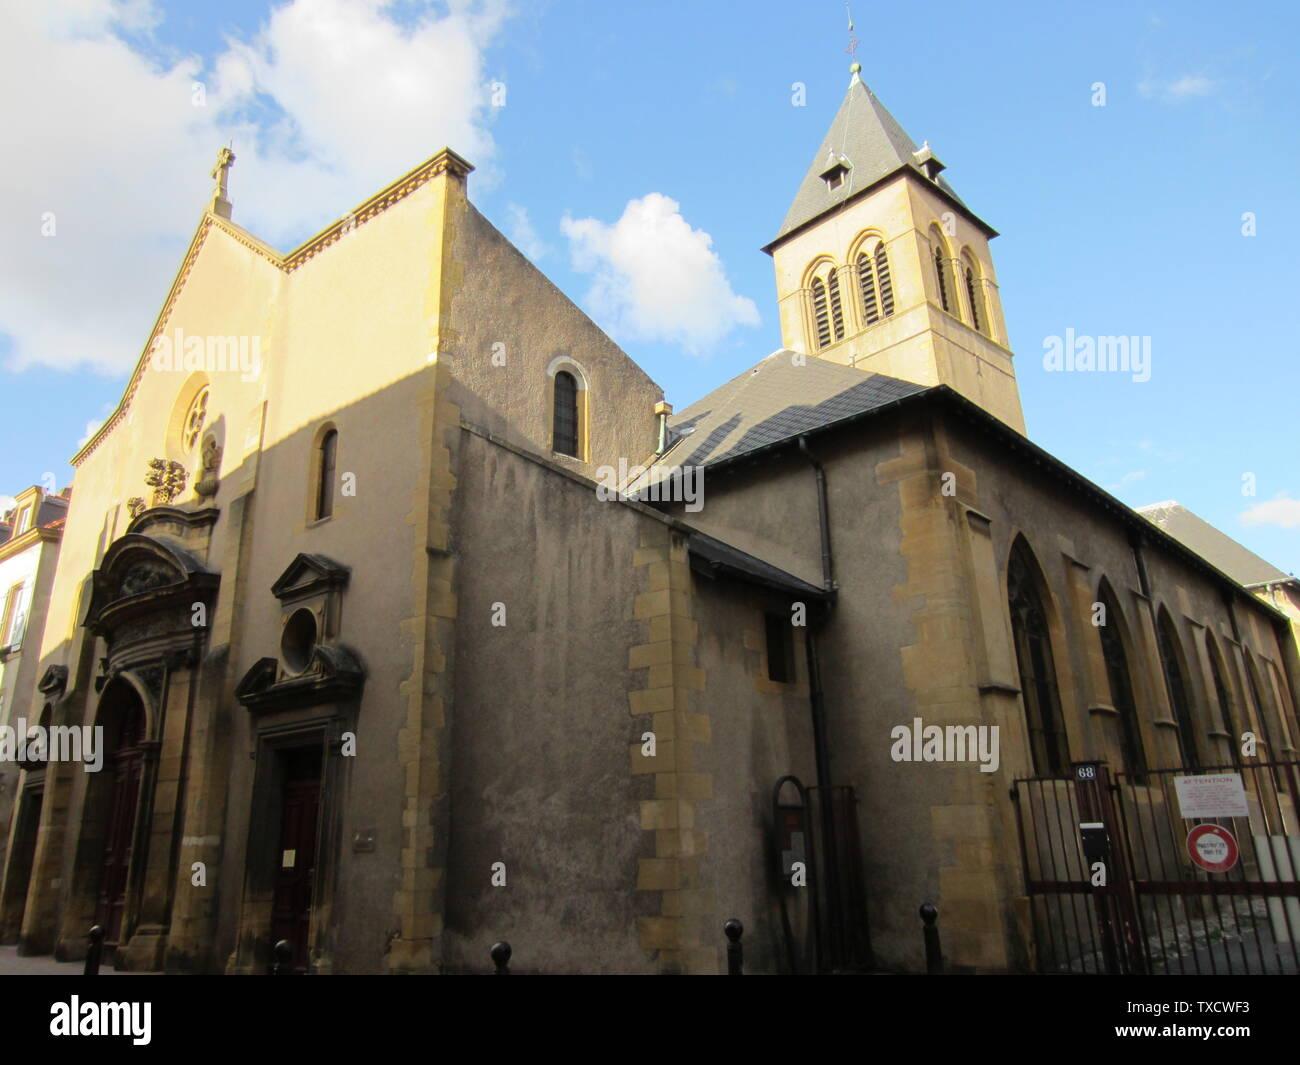 Verre Clair Saint Maximin st maximin photos & st maximin images - alamy